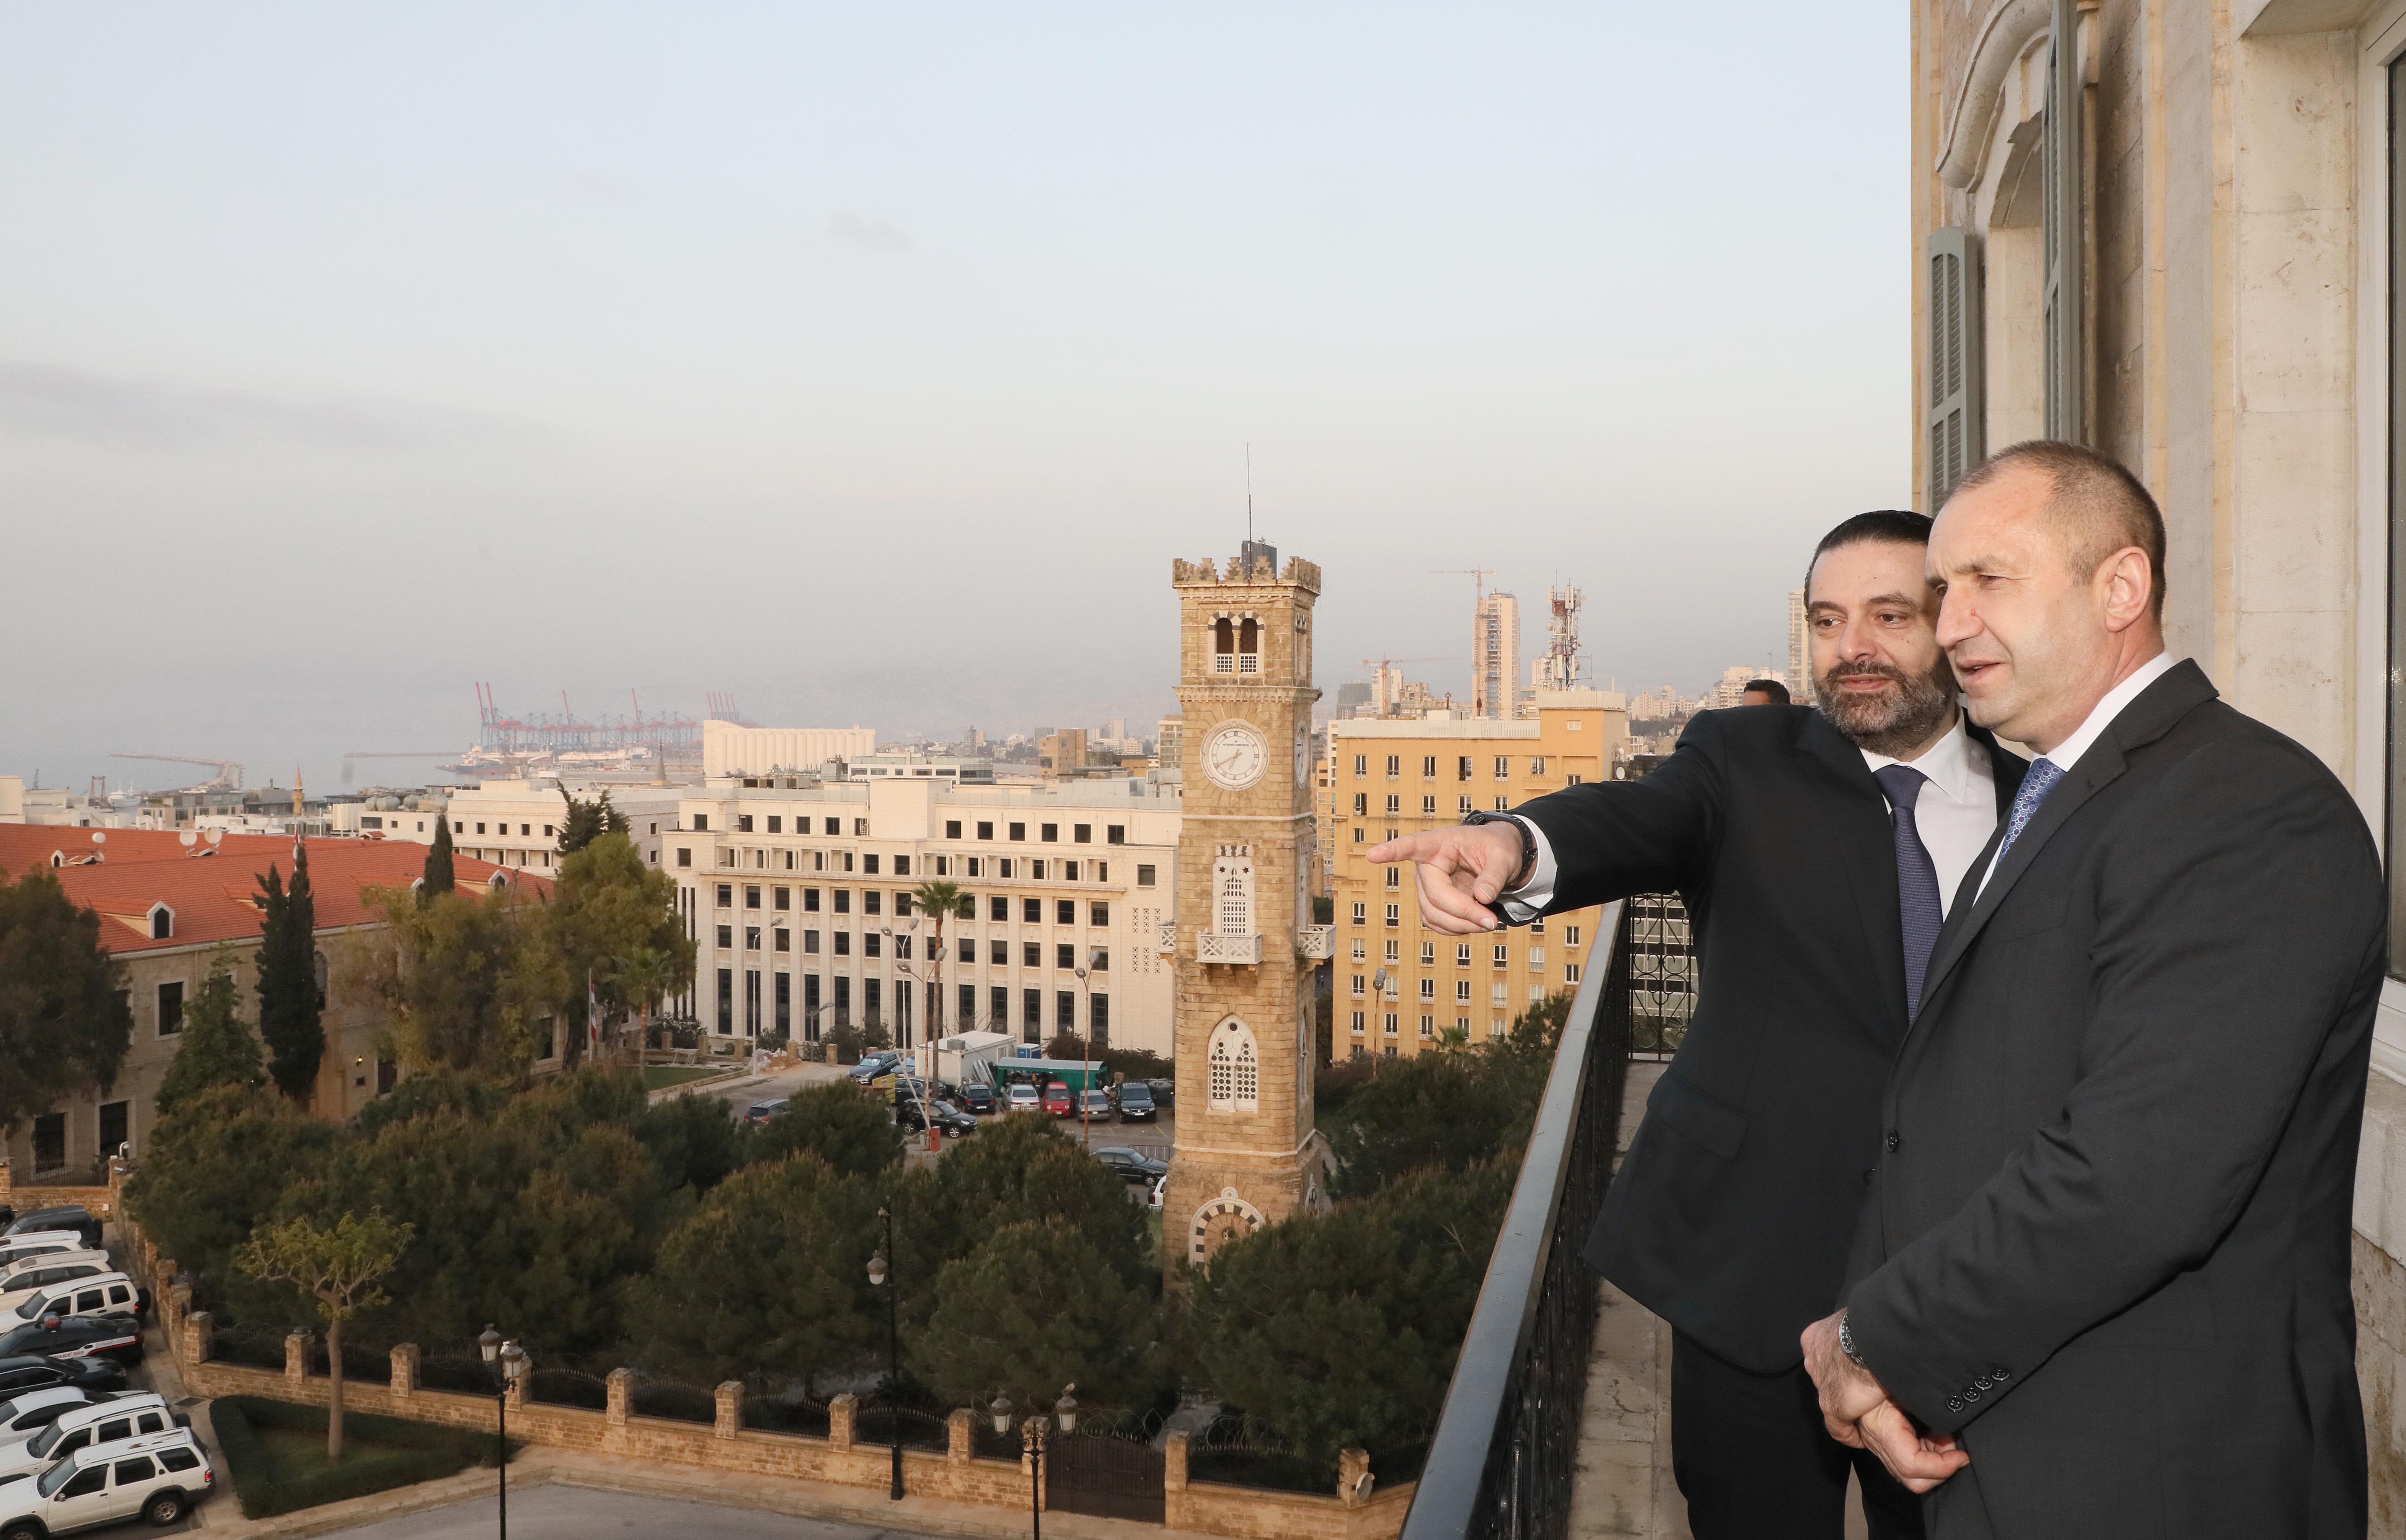 Pr Minister Saad Hariri meets Bulgarian President